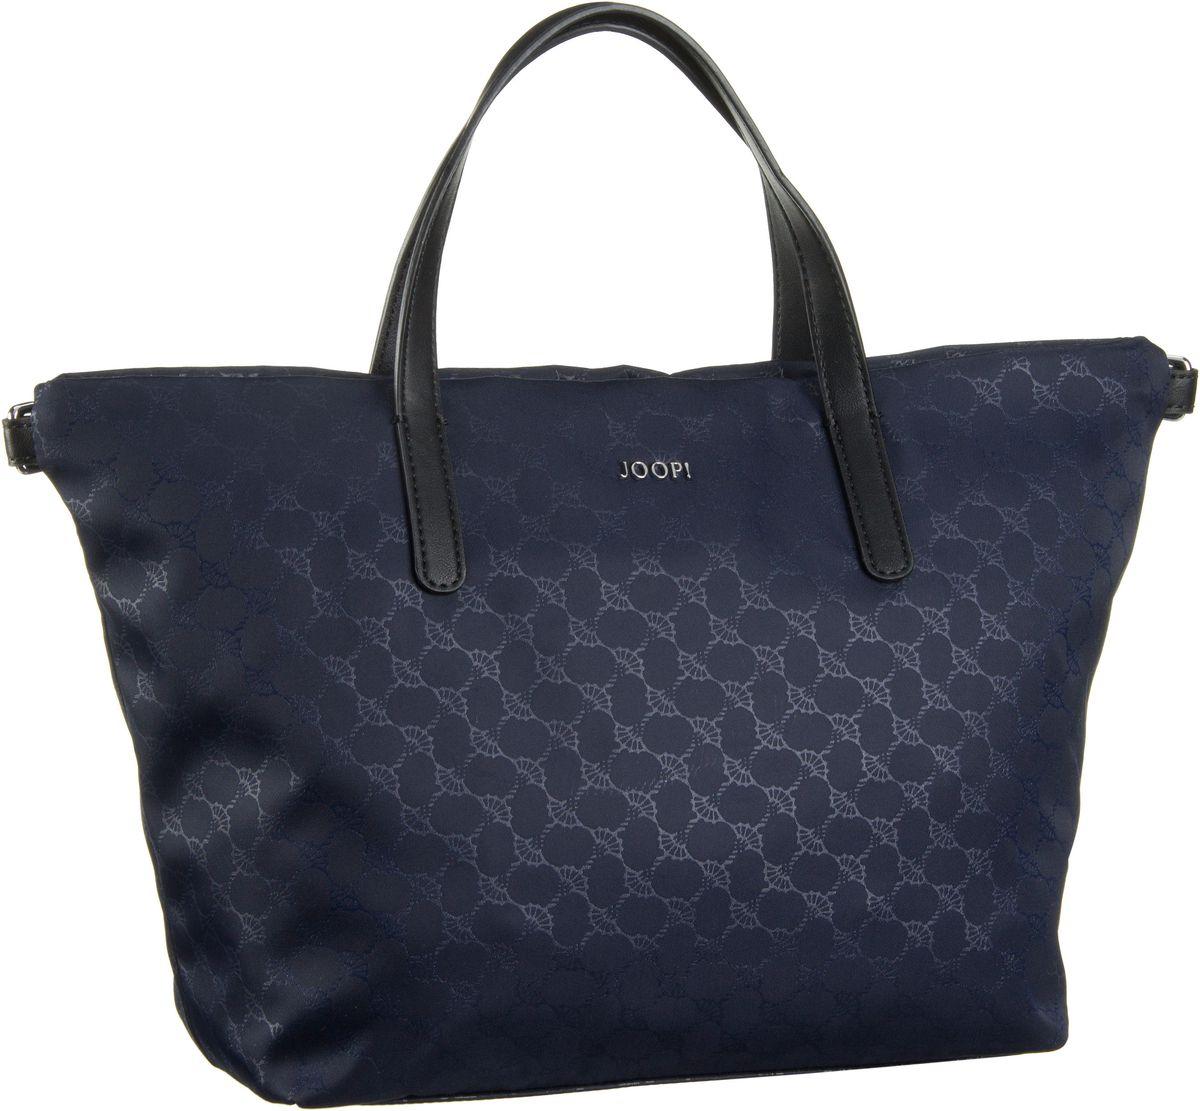 Handtaschen für Frauen - Joop Handtasche Helena Nylon Cornflower Handbag Small Blue  - Onlineshop Taschenkaufhaus